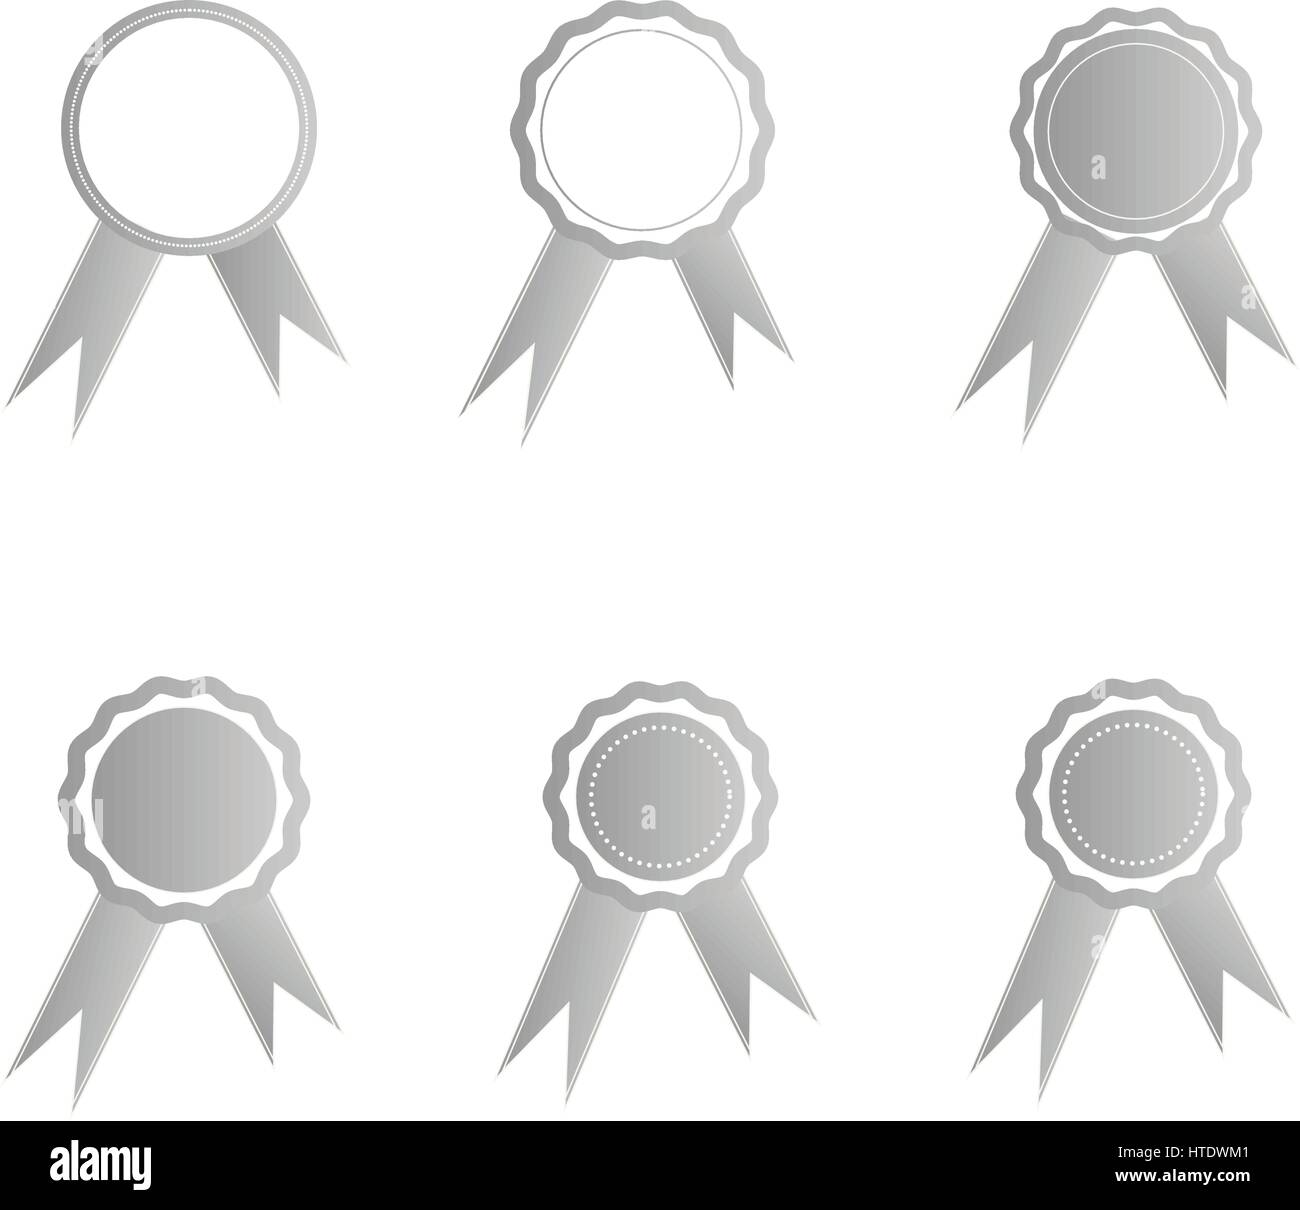 Awards medall illustration - Stock Vector